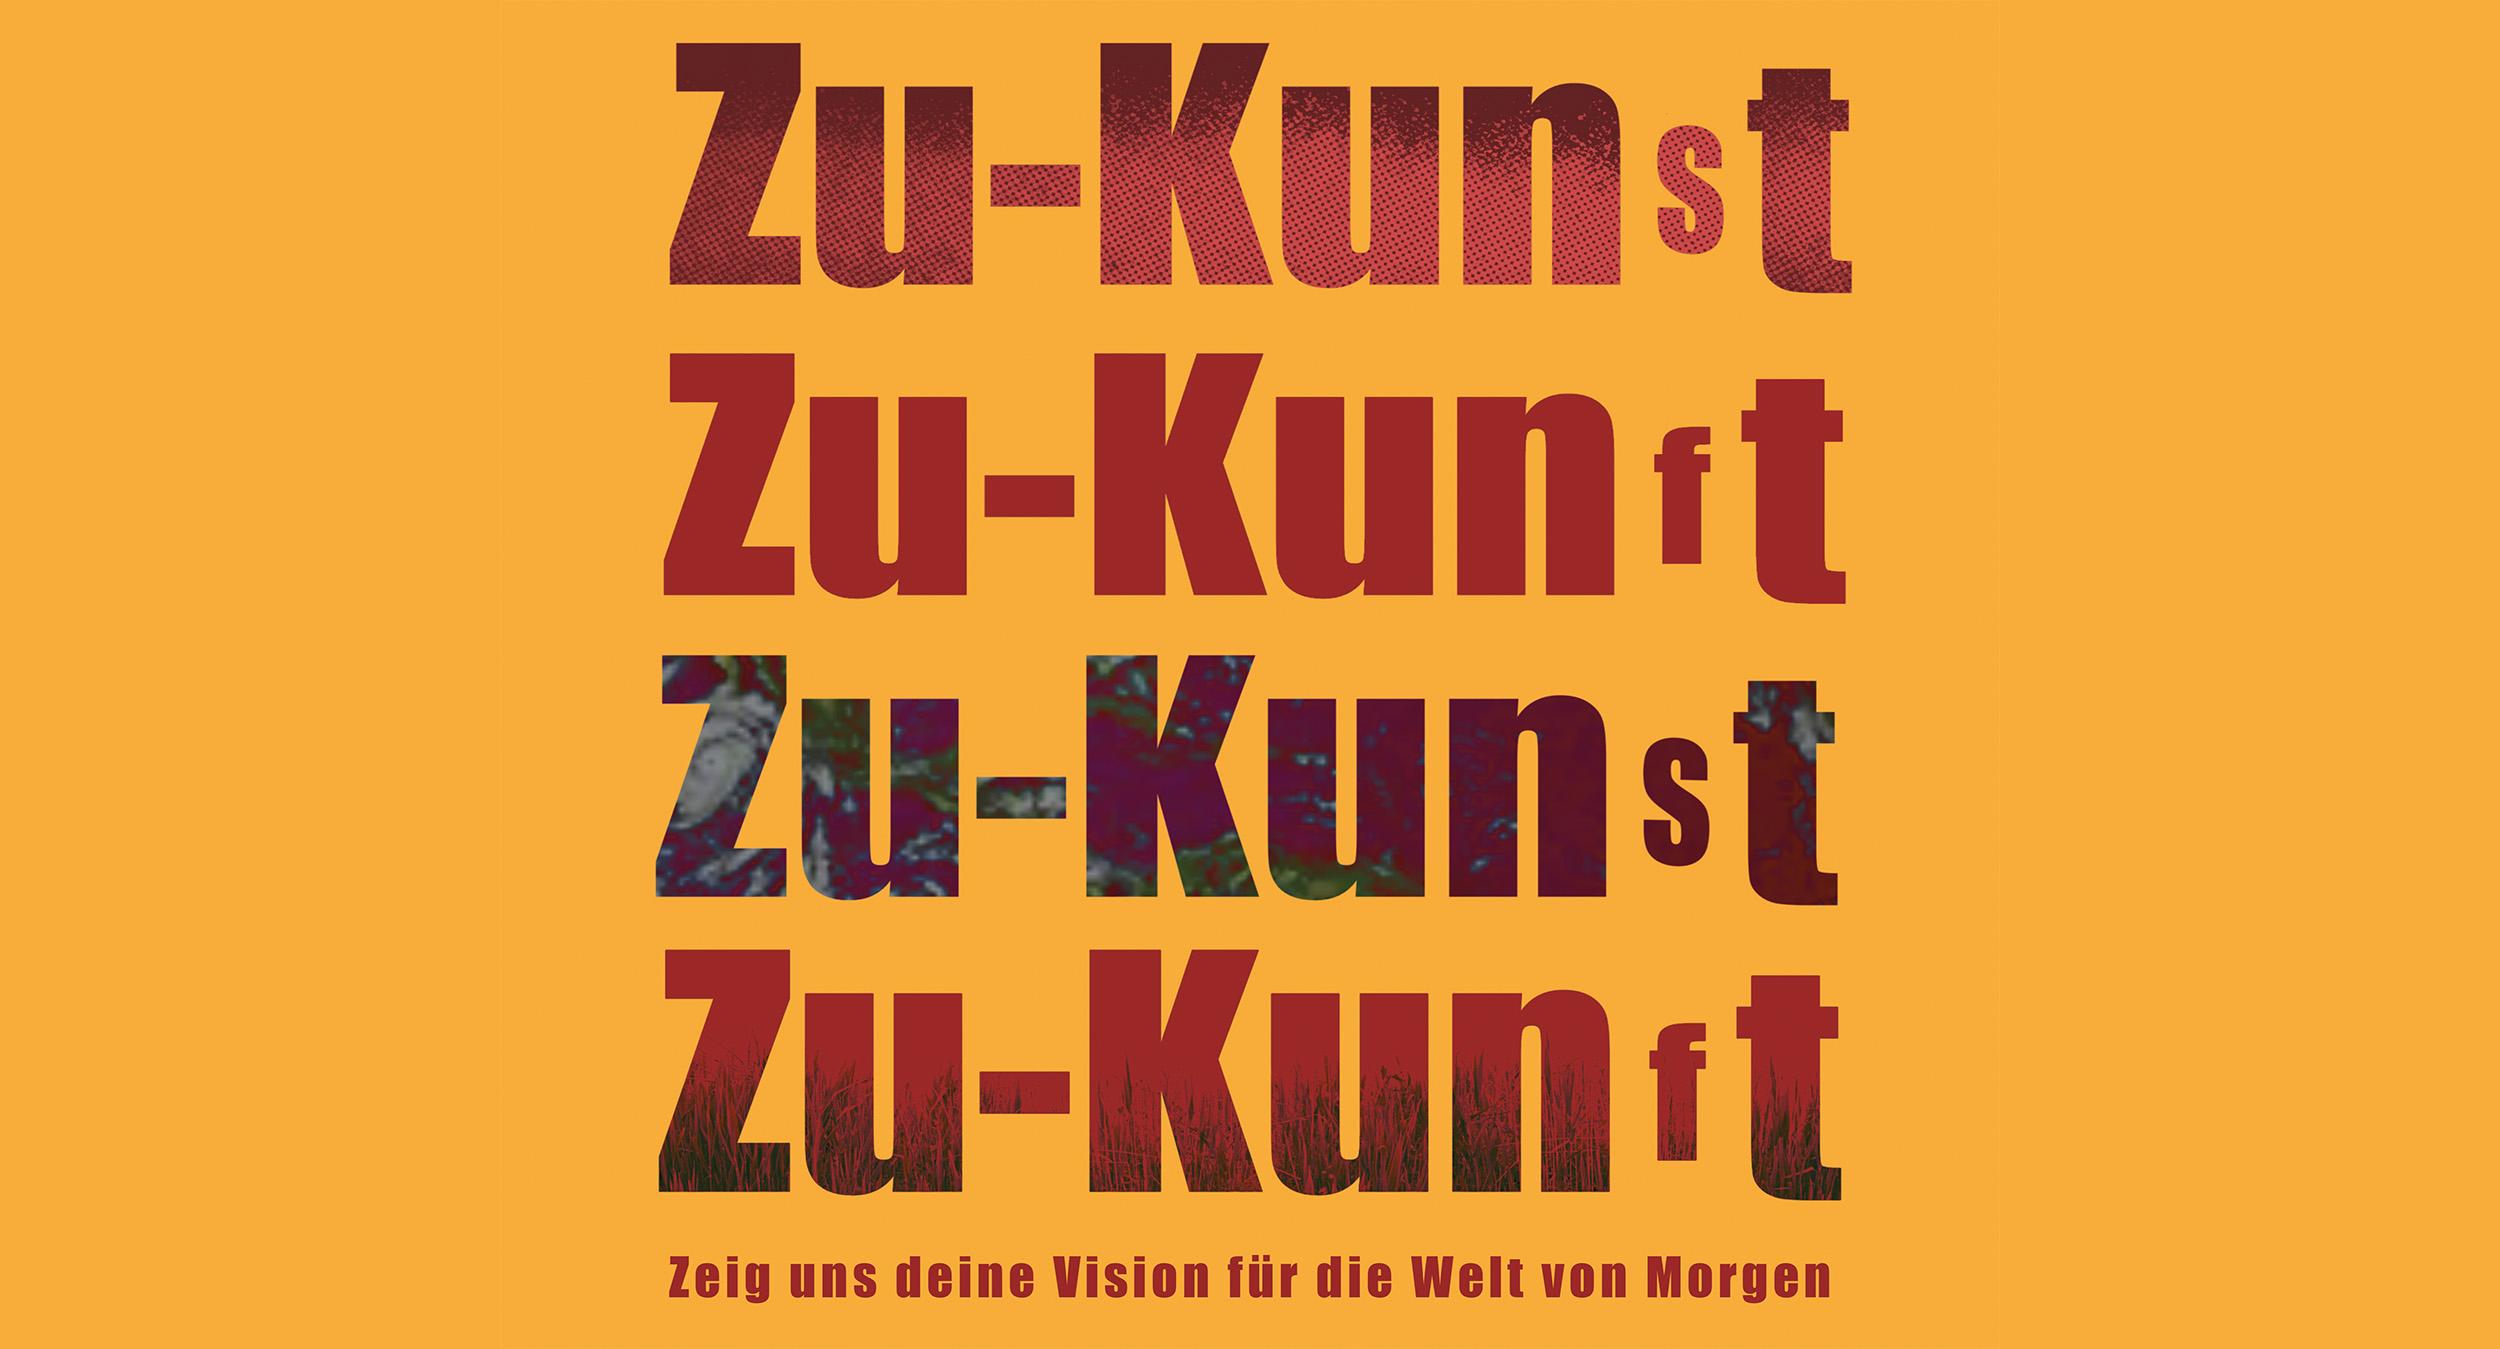 Ausstellung zum Zukunftskunst-Wettbewerb #kunstforfuture vom 06.09. – 25.10.2020